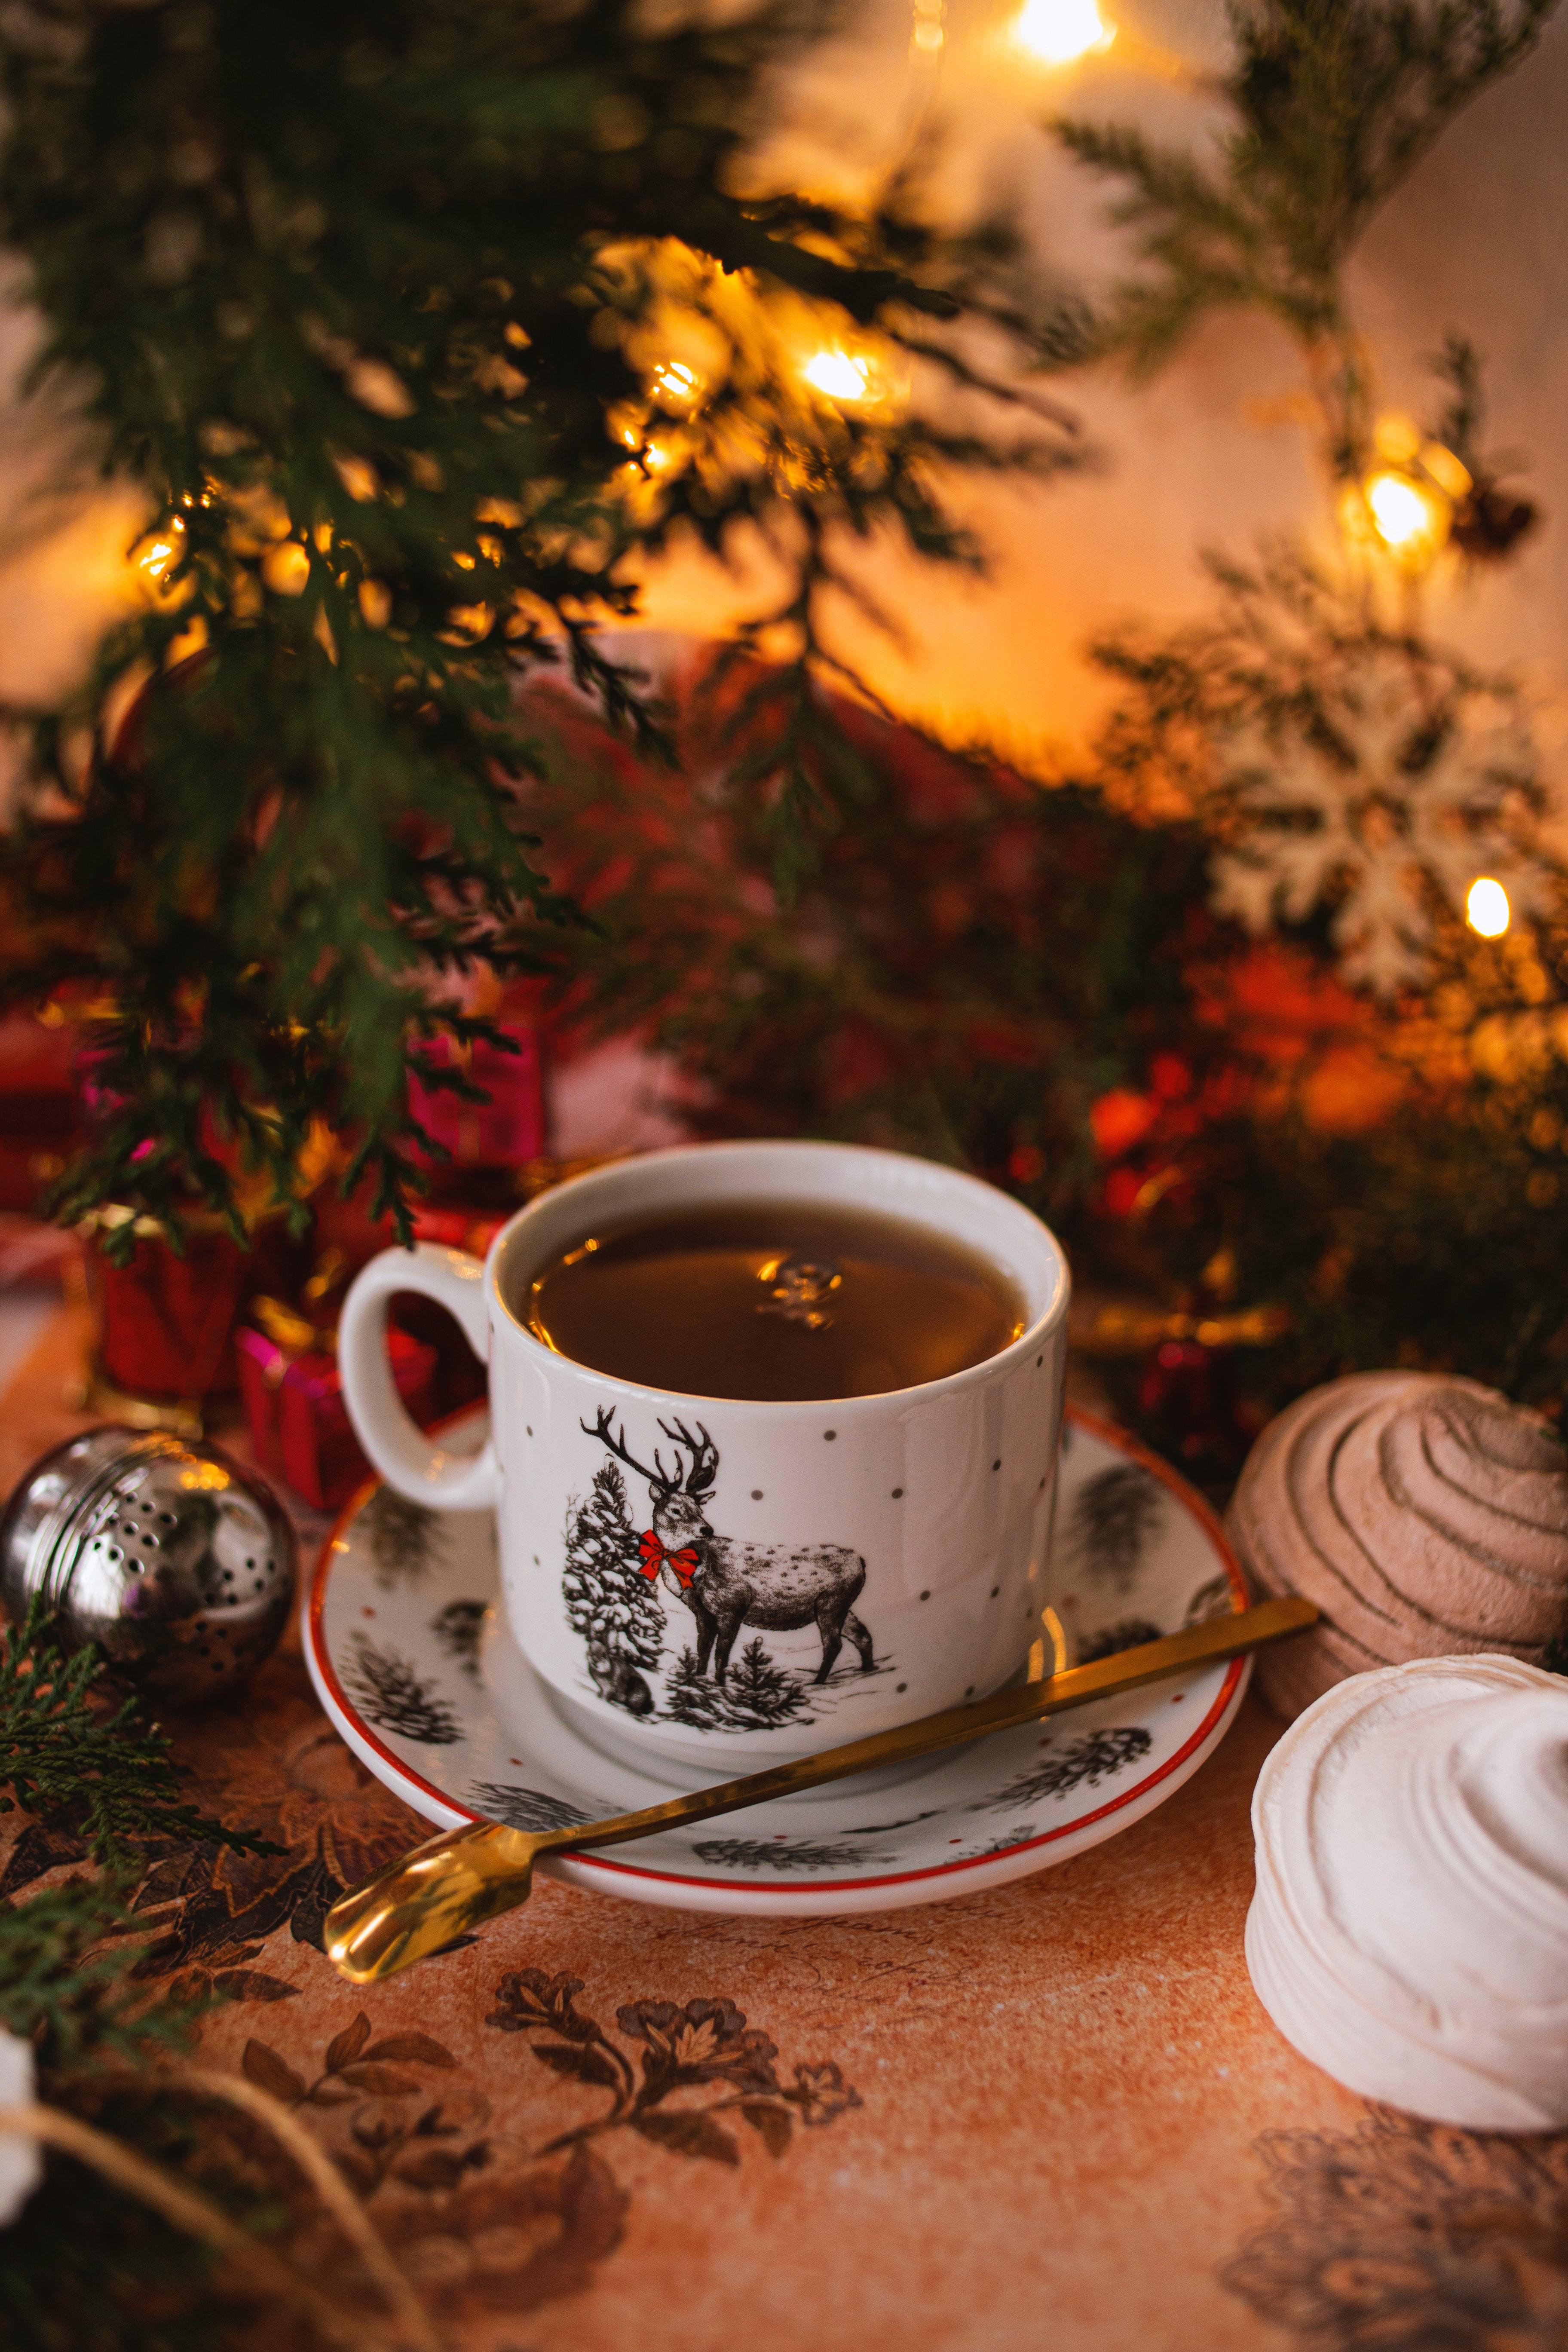 103147 обои 320x480 на телефон бесплатно, скачать картинки Чай, Рождество, Праздники, Чашка, Новый Год, Праздник 320x480 на мобильный